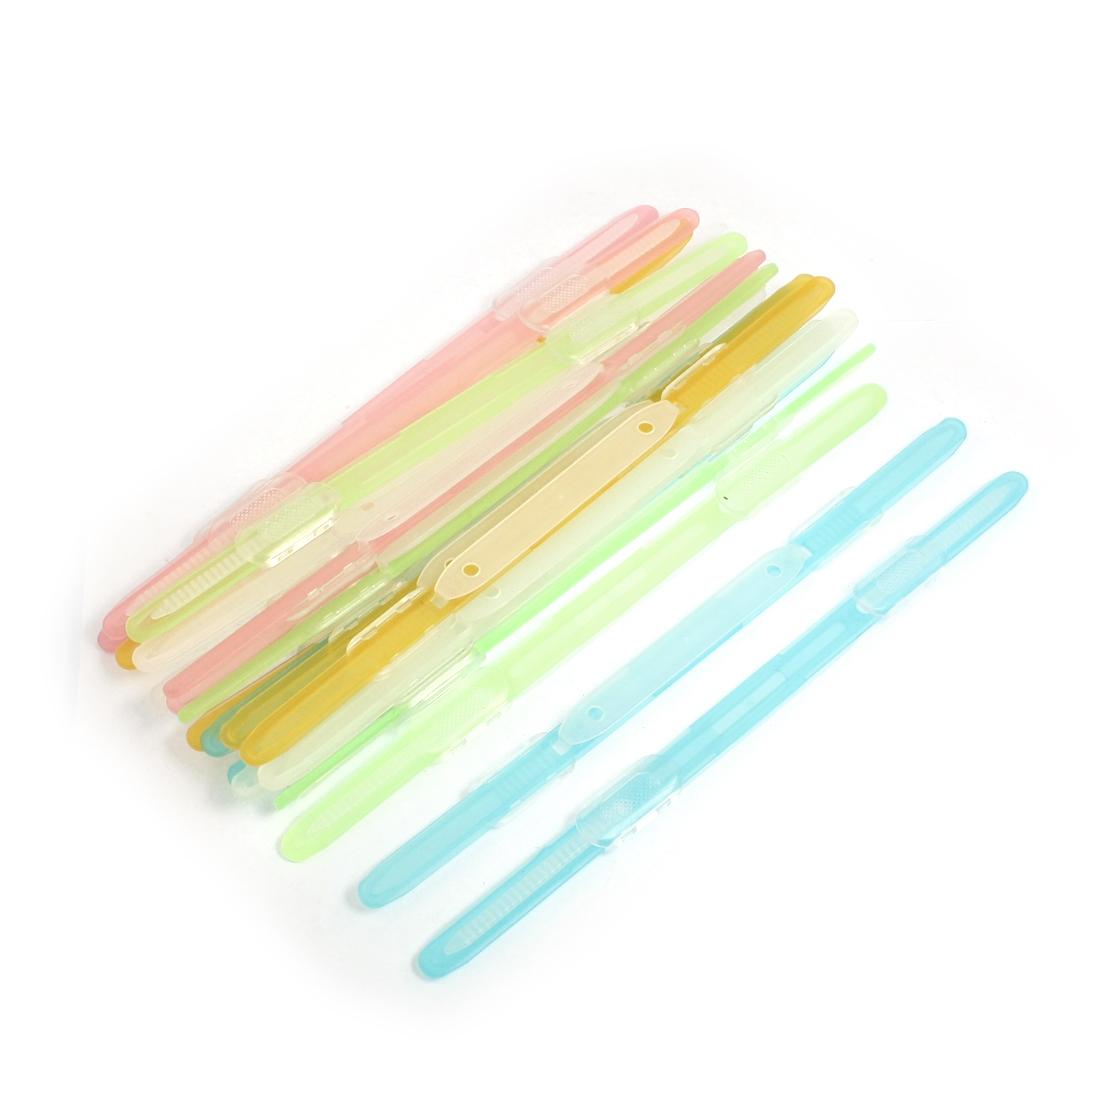 20Pcs 6cm Hole Distance Multicolor Plastic Prong Documents Clip Paper Fasteners